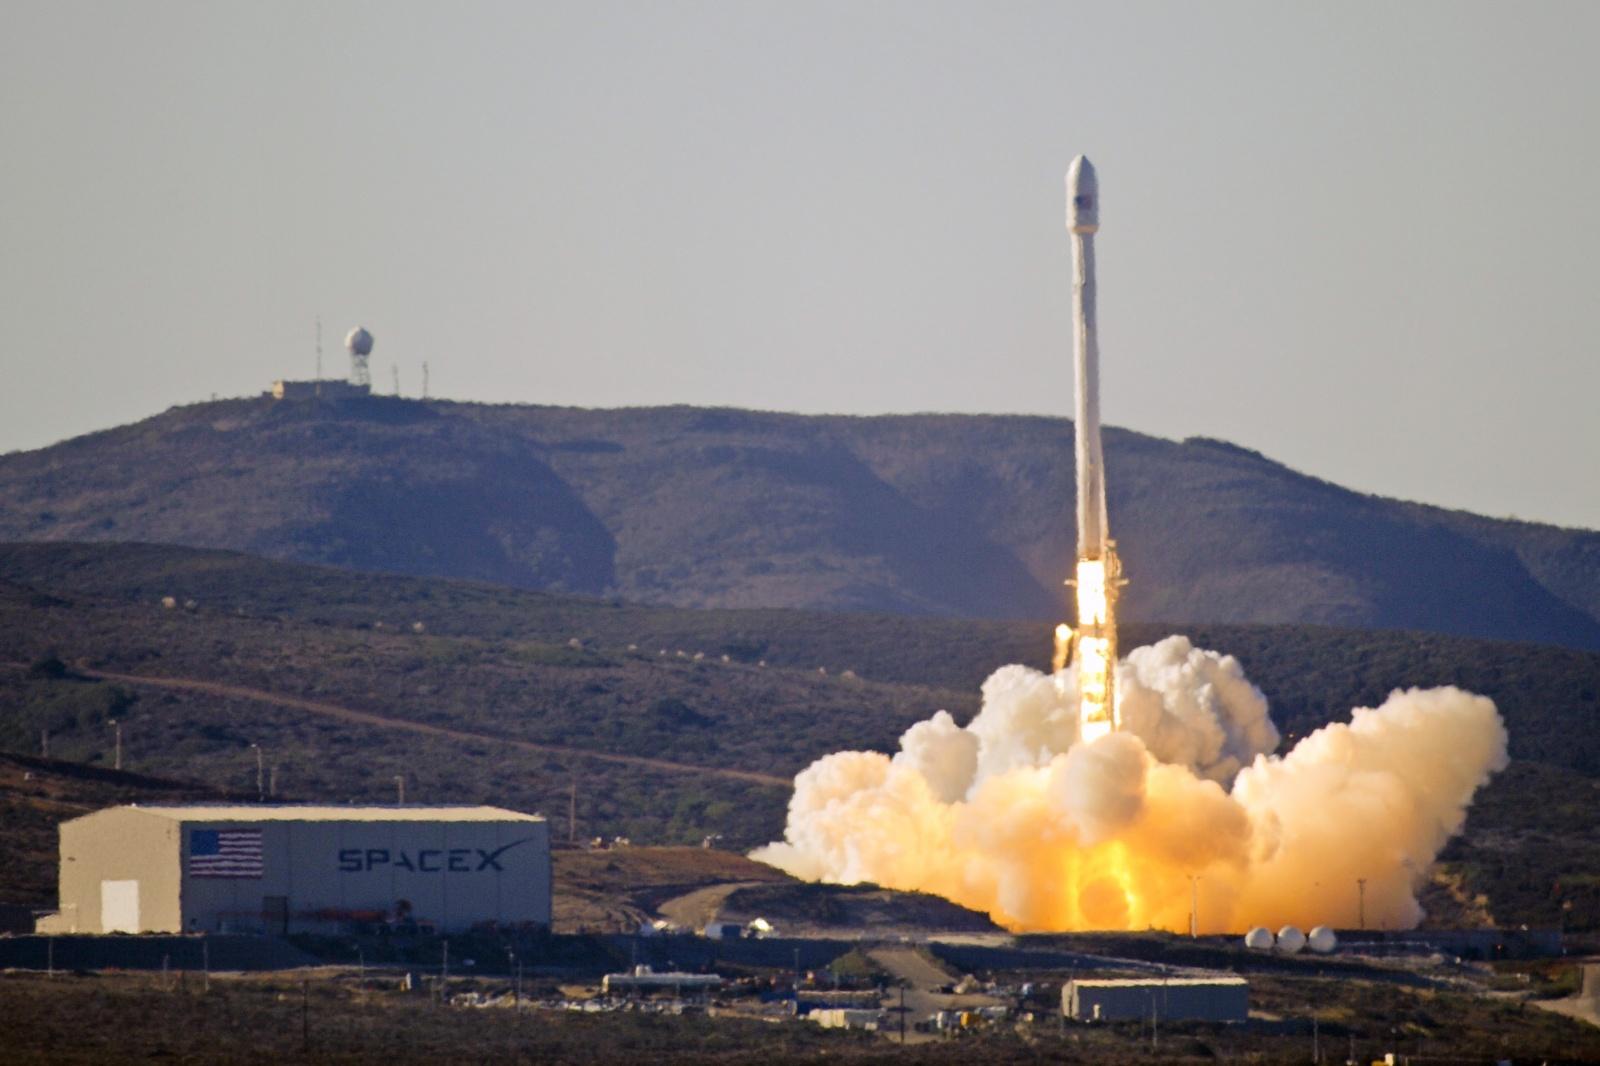 Почему нельзя сравнивать космические аппараты New Shepard и Falcon 9 - 2